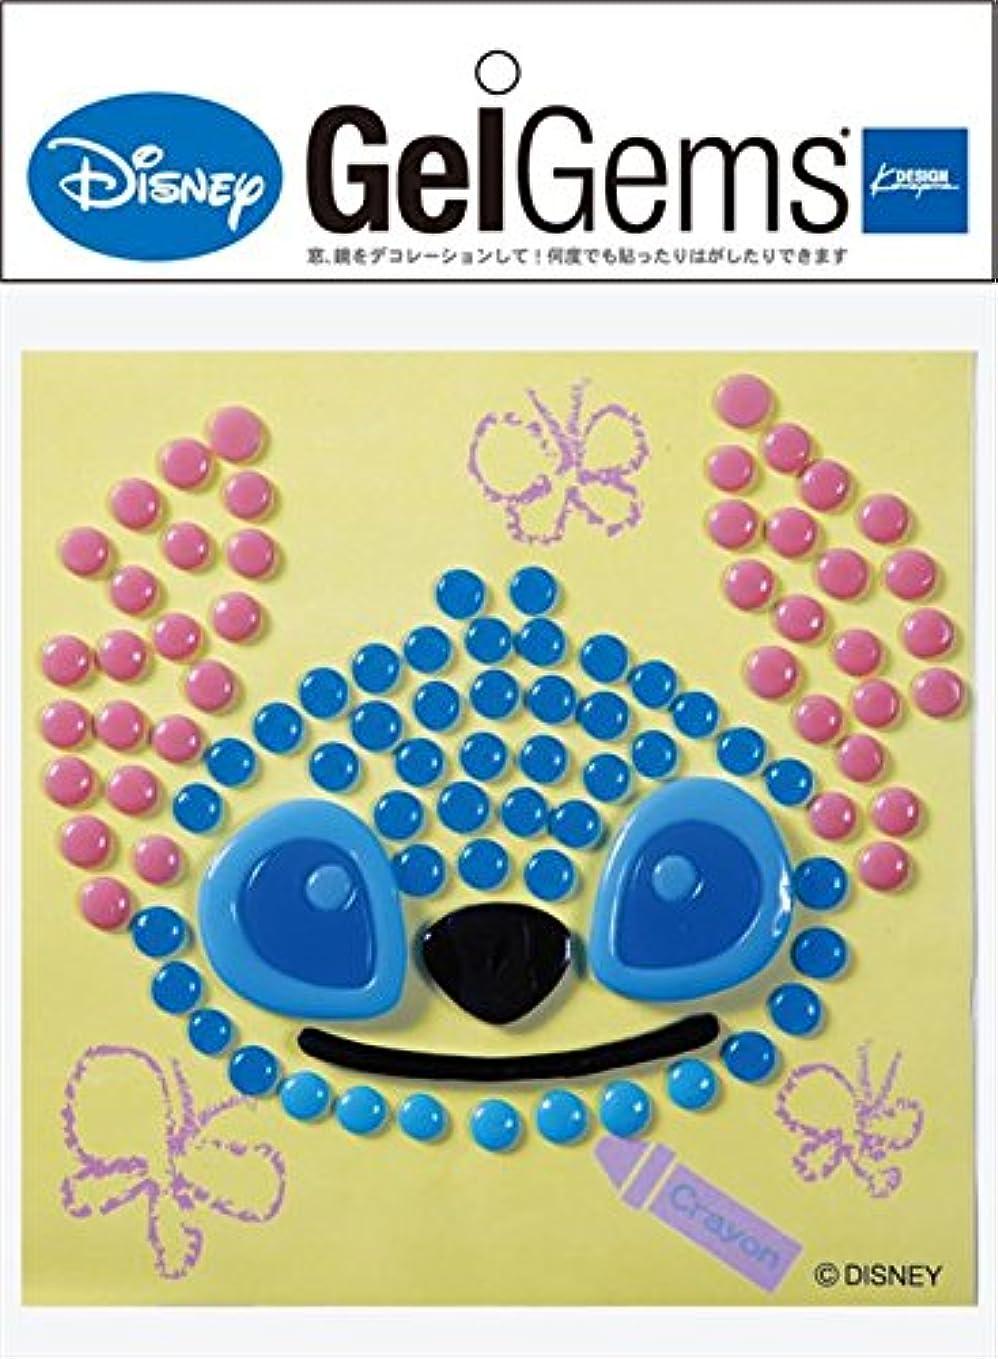 離れてずらす成長するディズニー(Disney) ジェルジェムディズニーバッグS 「 スティッチドット 」 E1050055